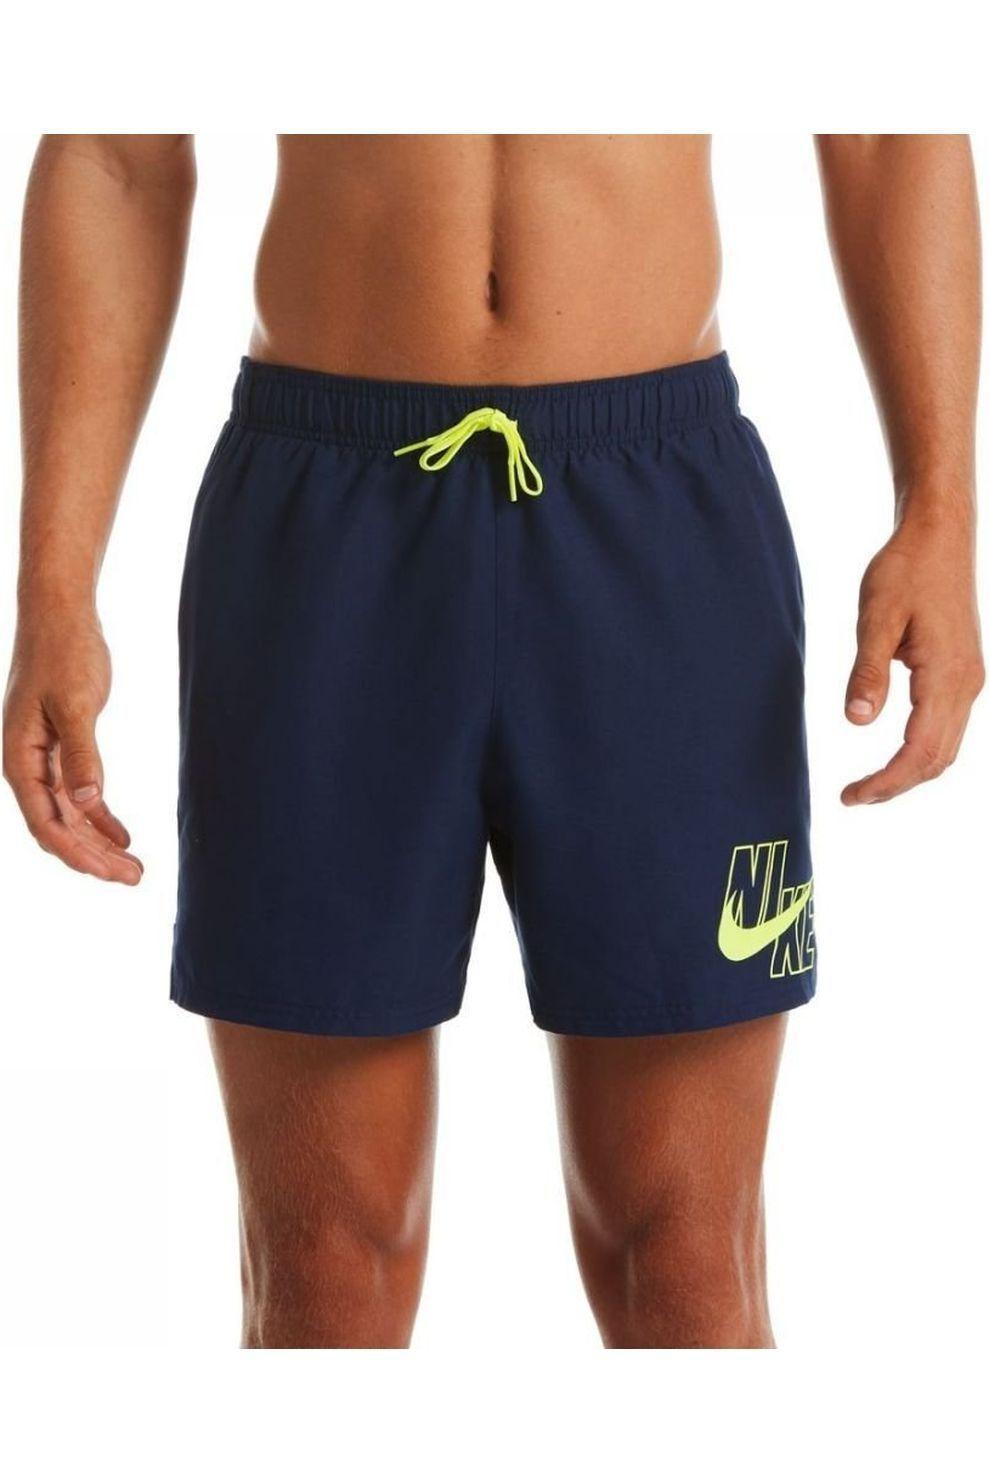 Nike Zwemshort 5Volley Short voor heren - Blauw - Maten: S, M, L, XL